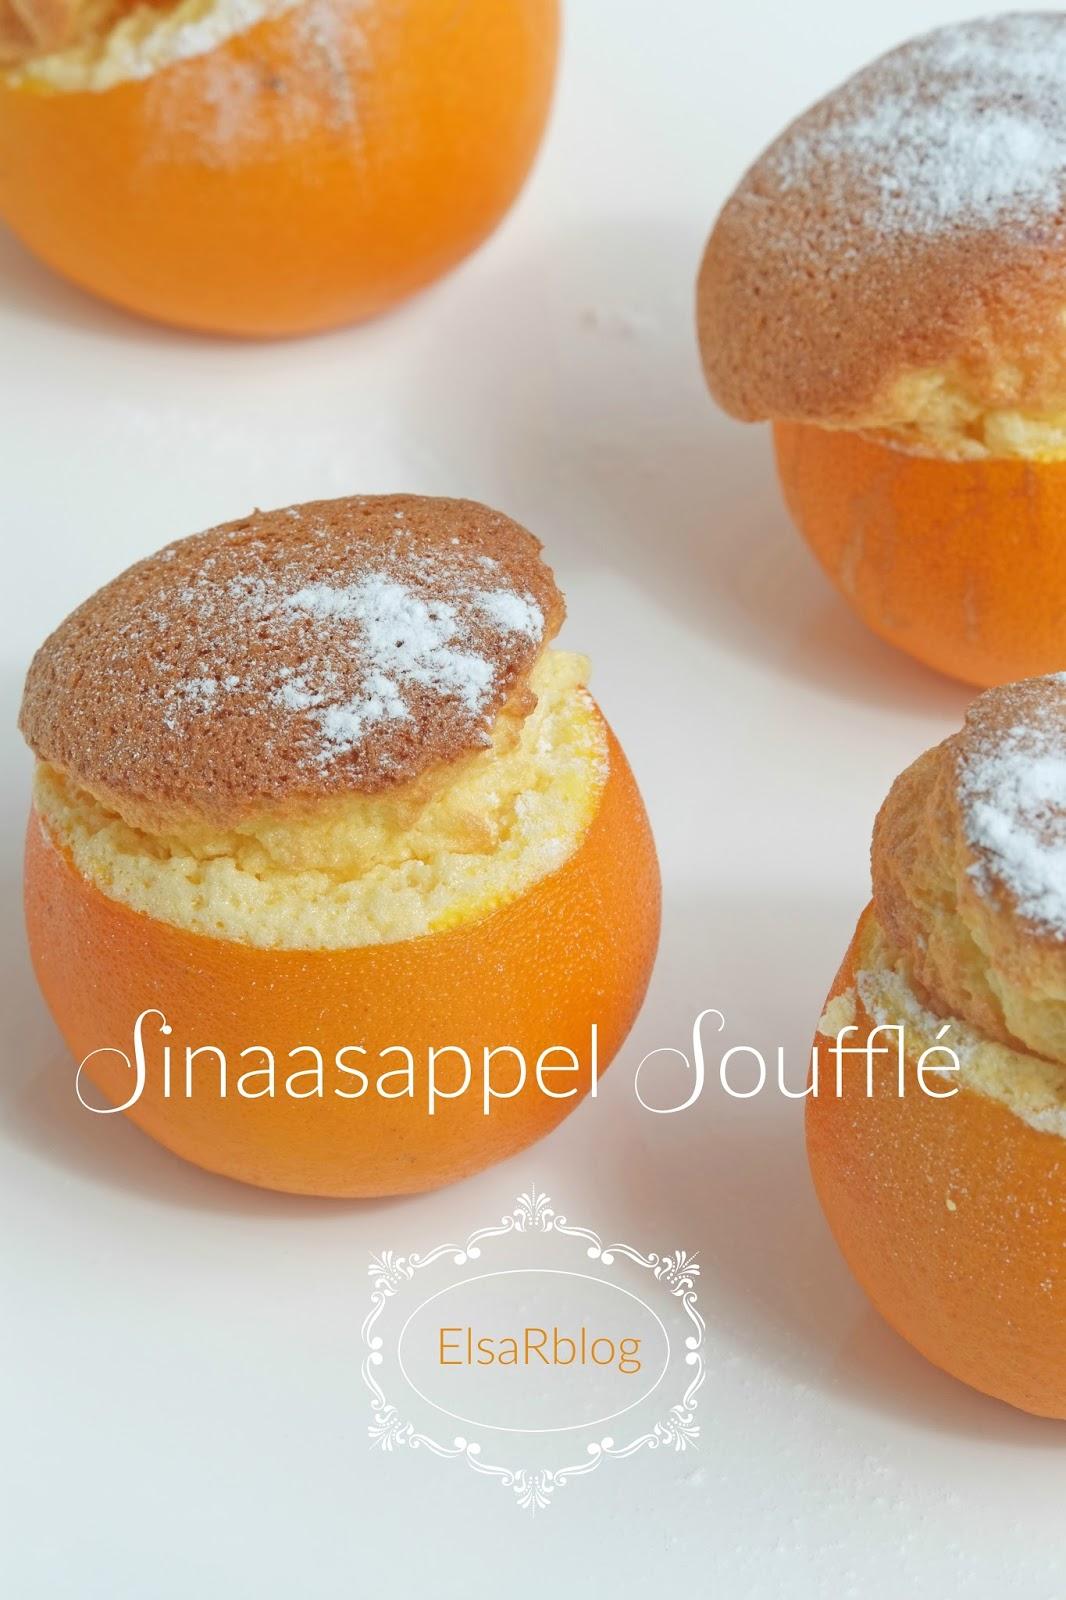 Sinaasappel soufflé - Desserts